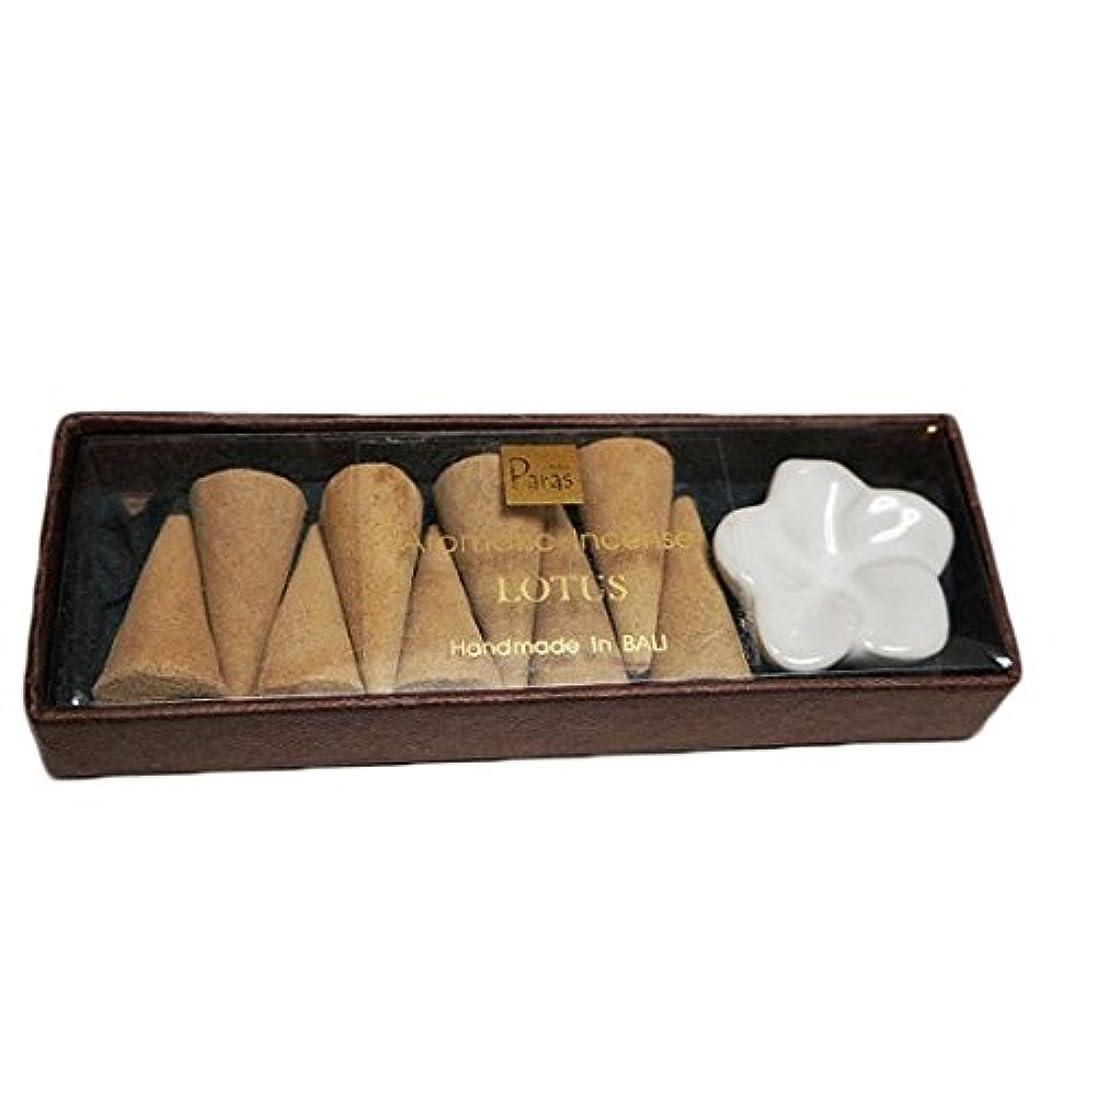 率直なヒープ受動的ロータス お香セット【トコパラス TOKO PARAS】バリ島 フランジパニの陶器のお香立て付き ナチュラルハンドメイドのお香